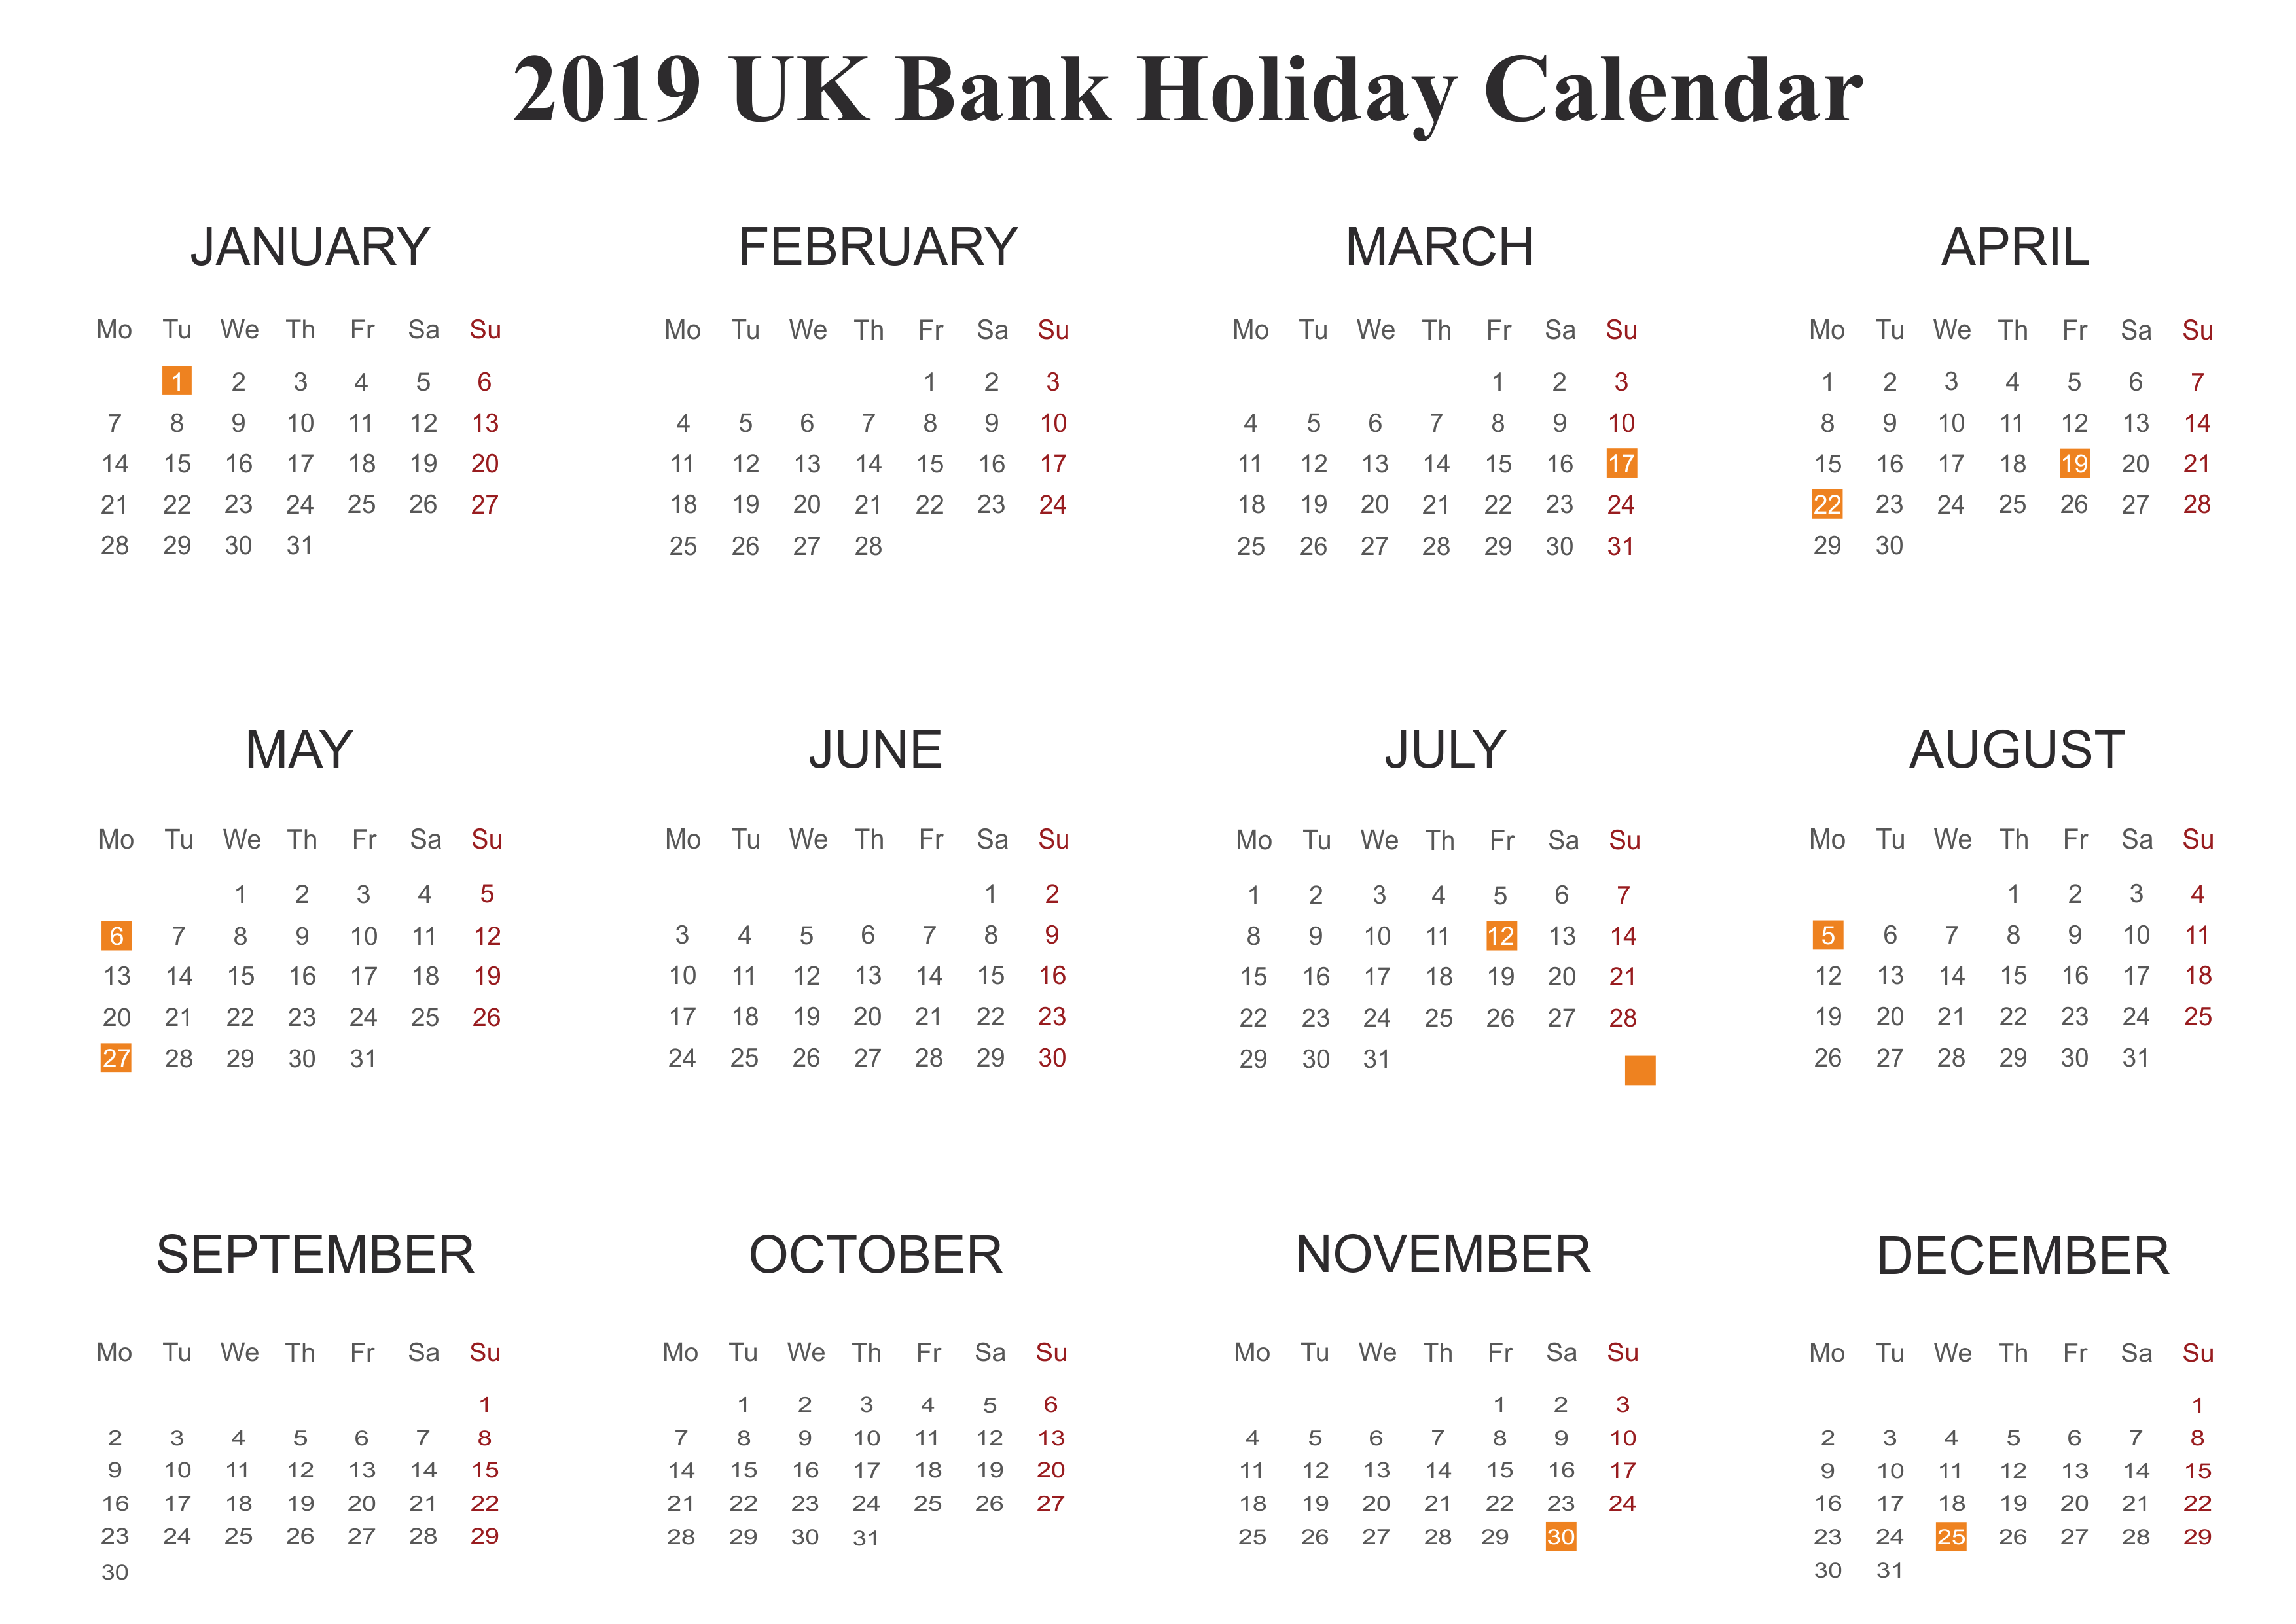 2019 UK Bank Holidays Calendar